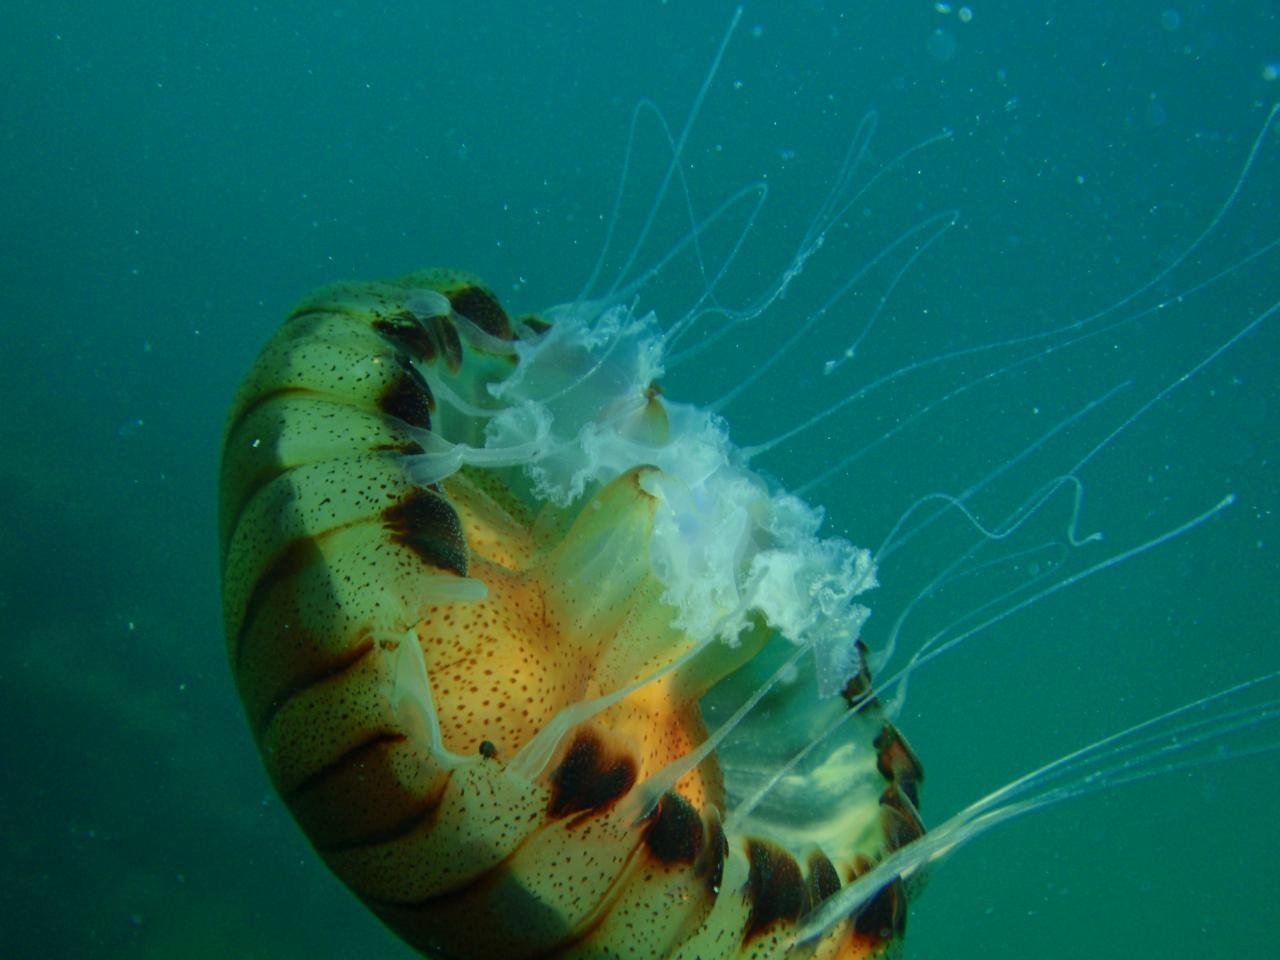 Учёные засняли навидео жуткую арктическую медузу